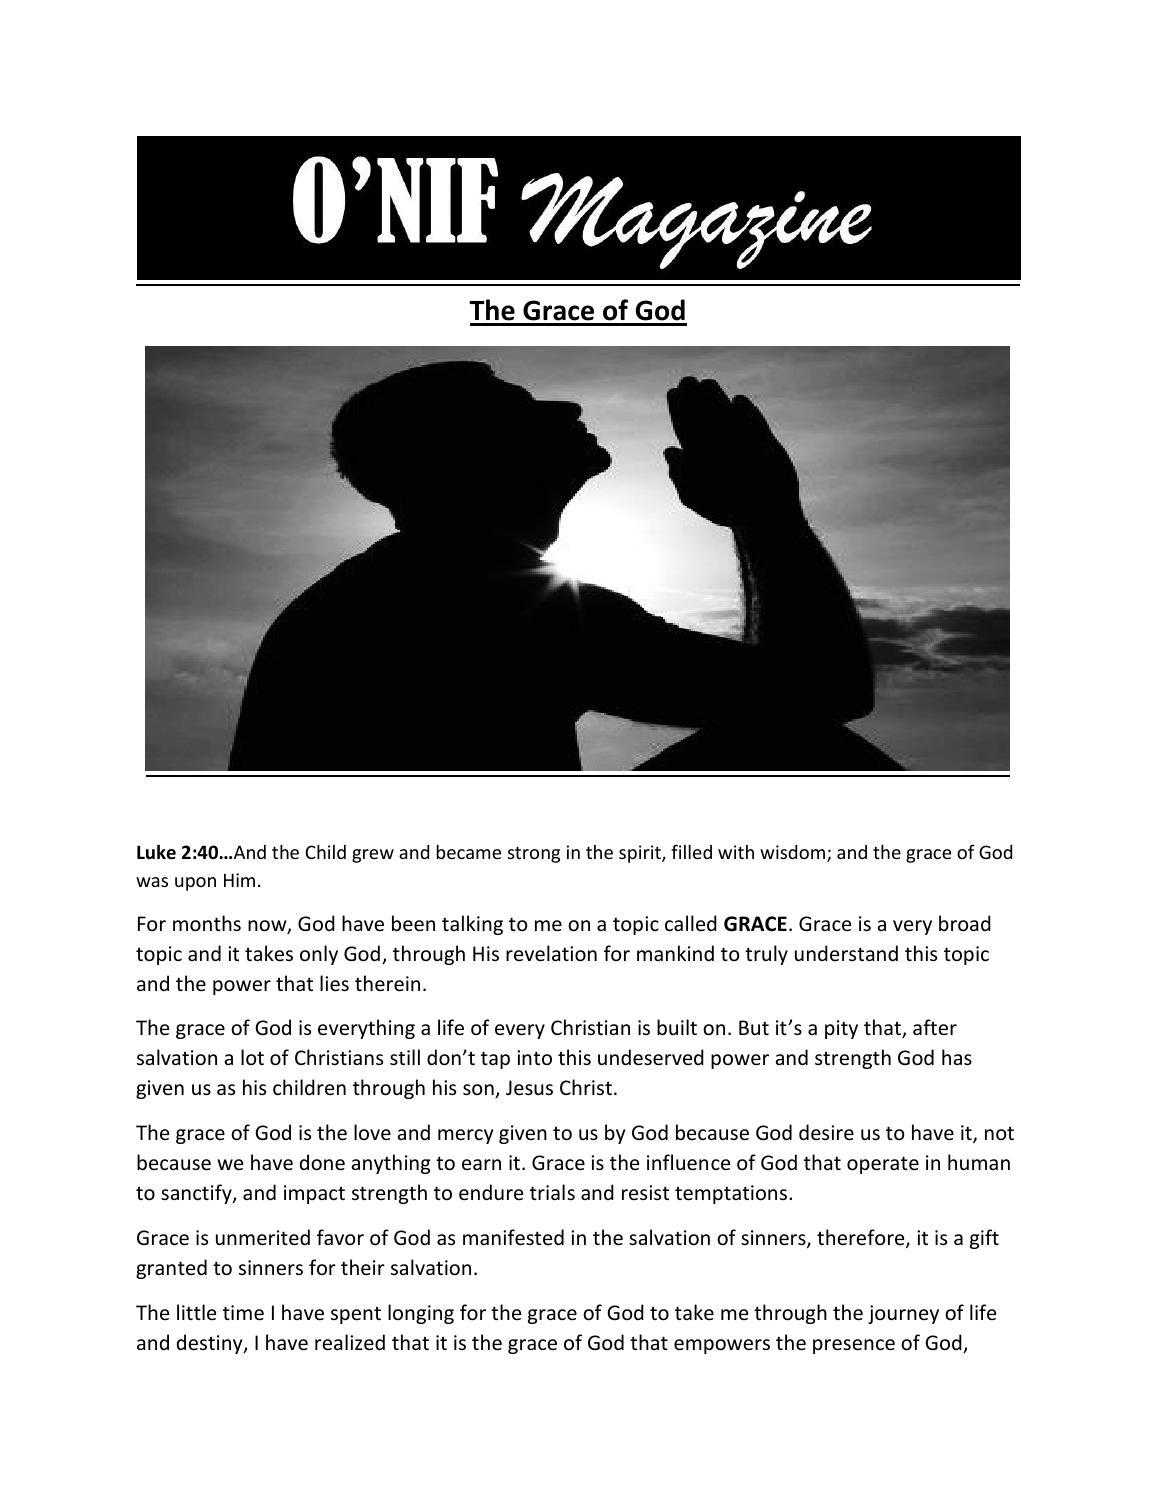 The grace of god by O'NIFMAGAZINE - issuu